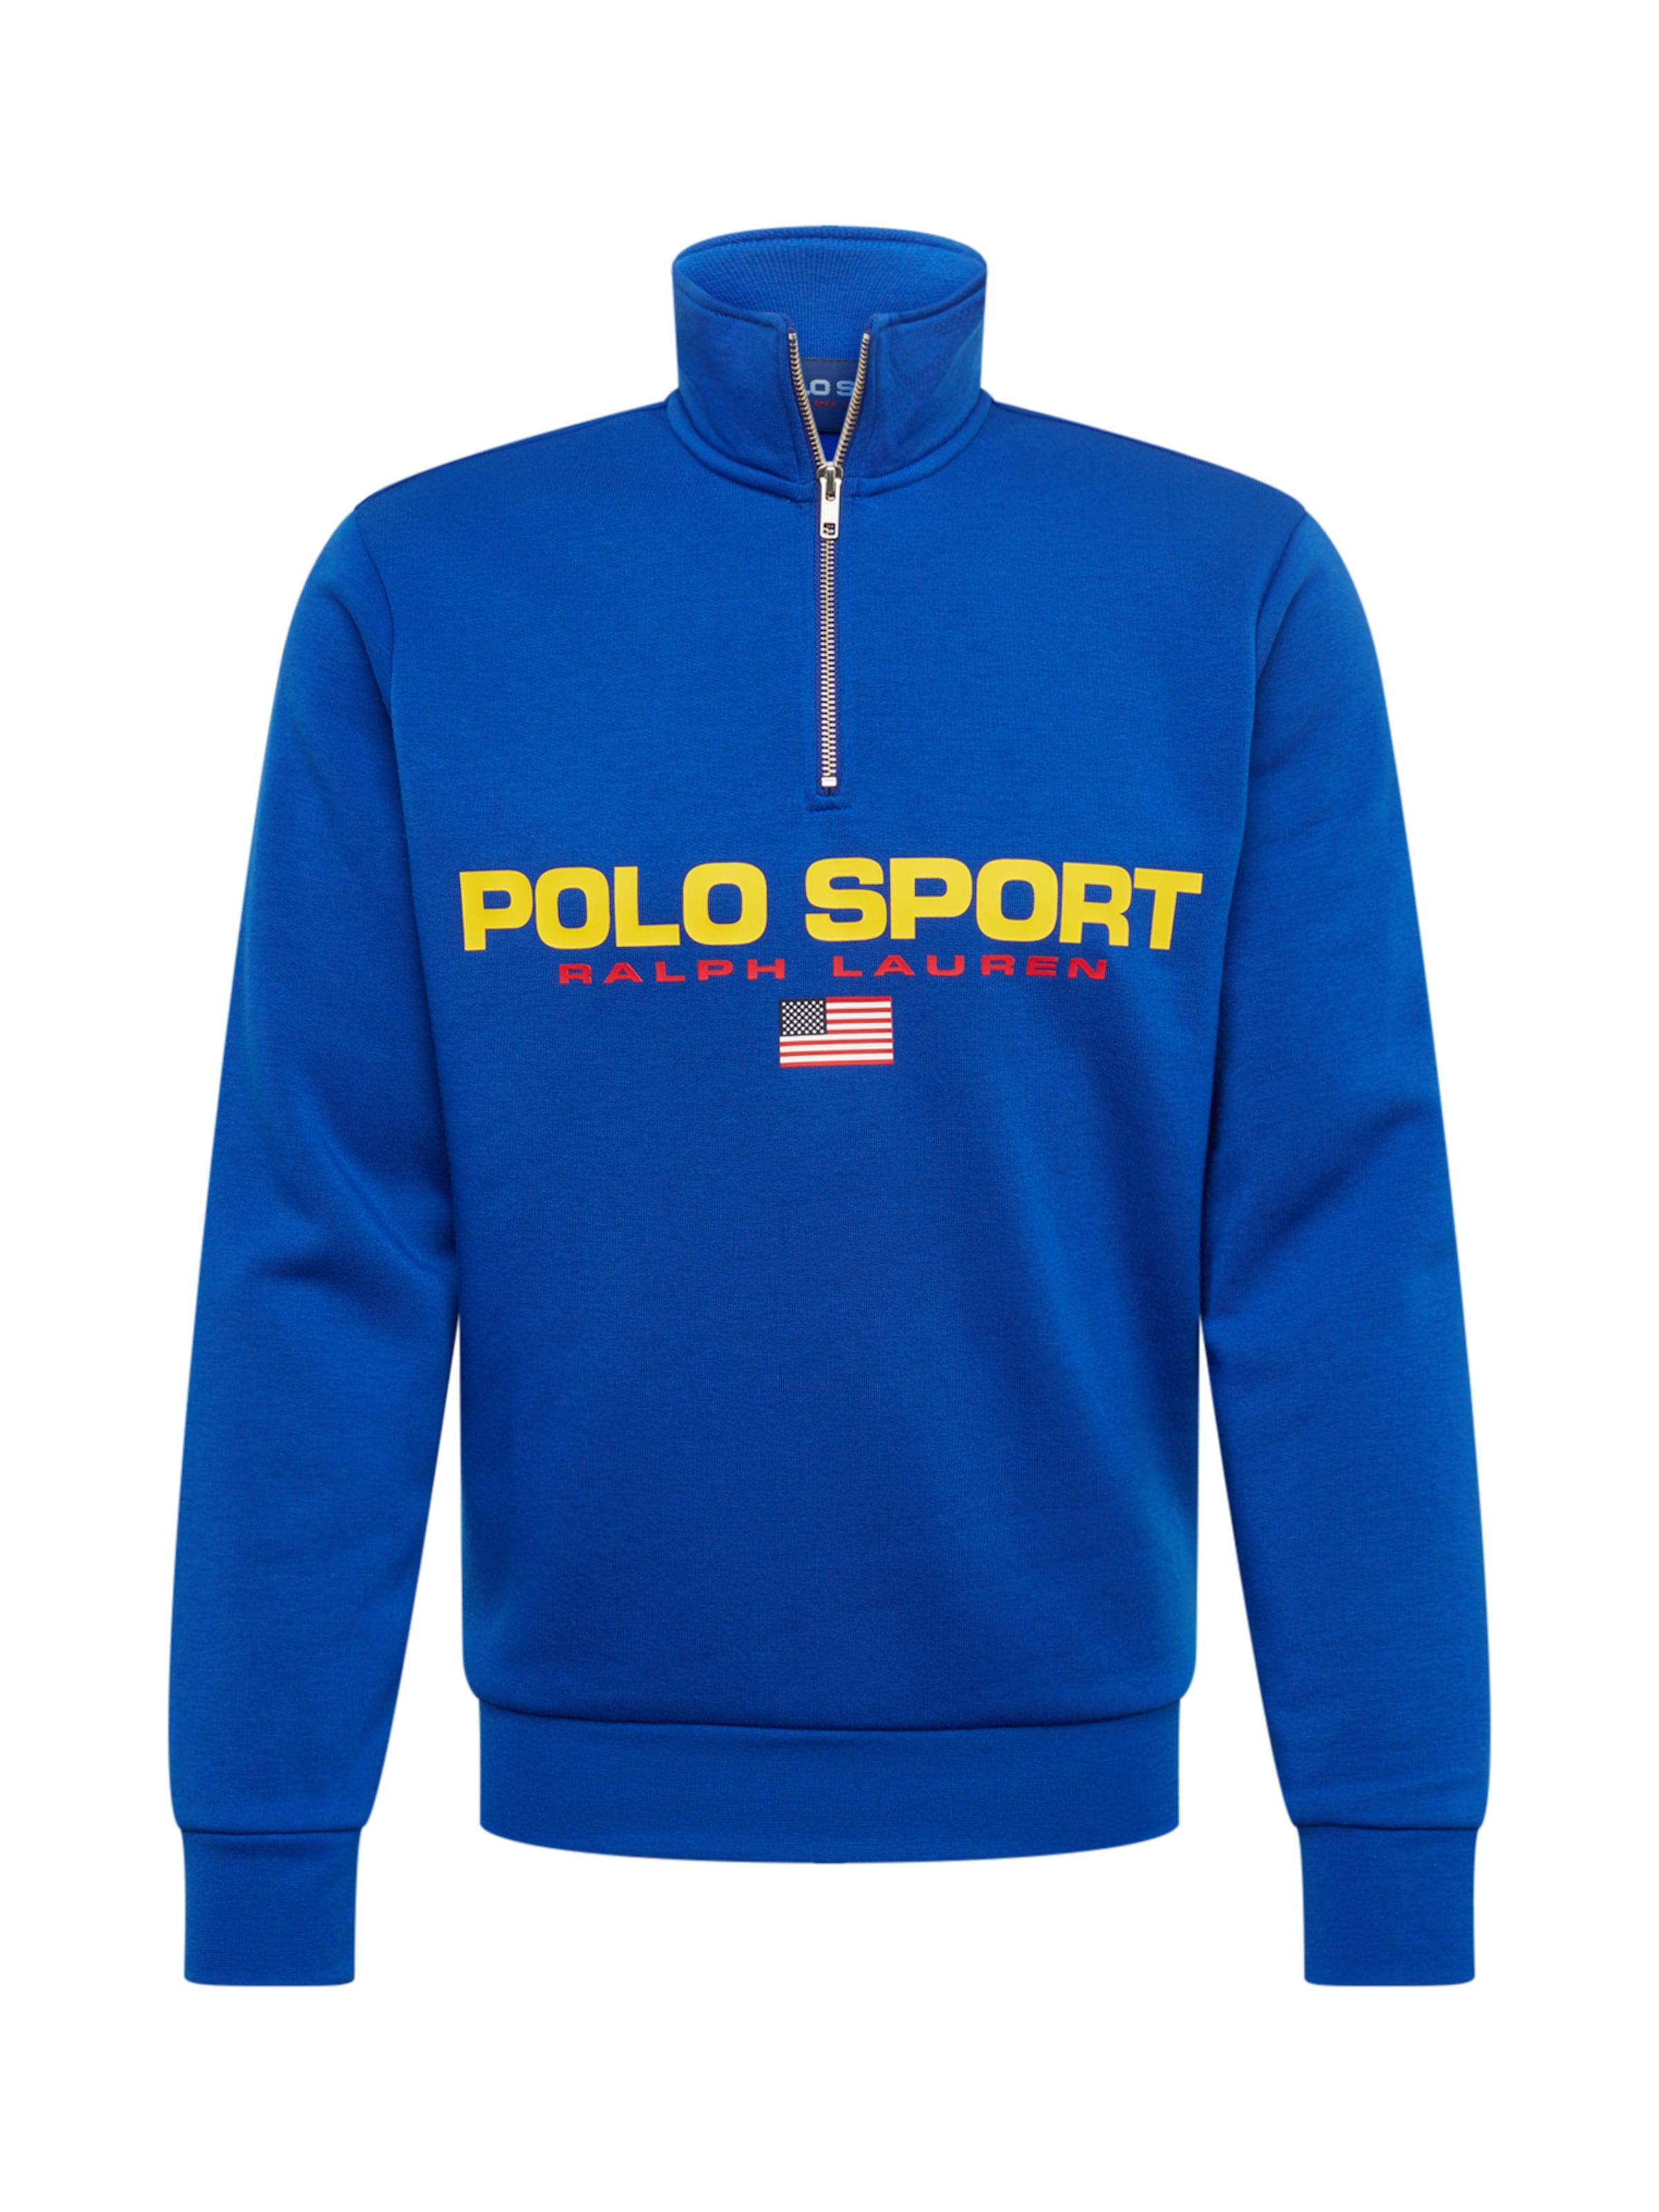 In Polo Ralph BlauGelb knt' Sweatshirt Fleece lsl 'neon Lauren QdCtsrh